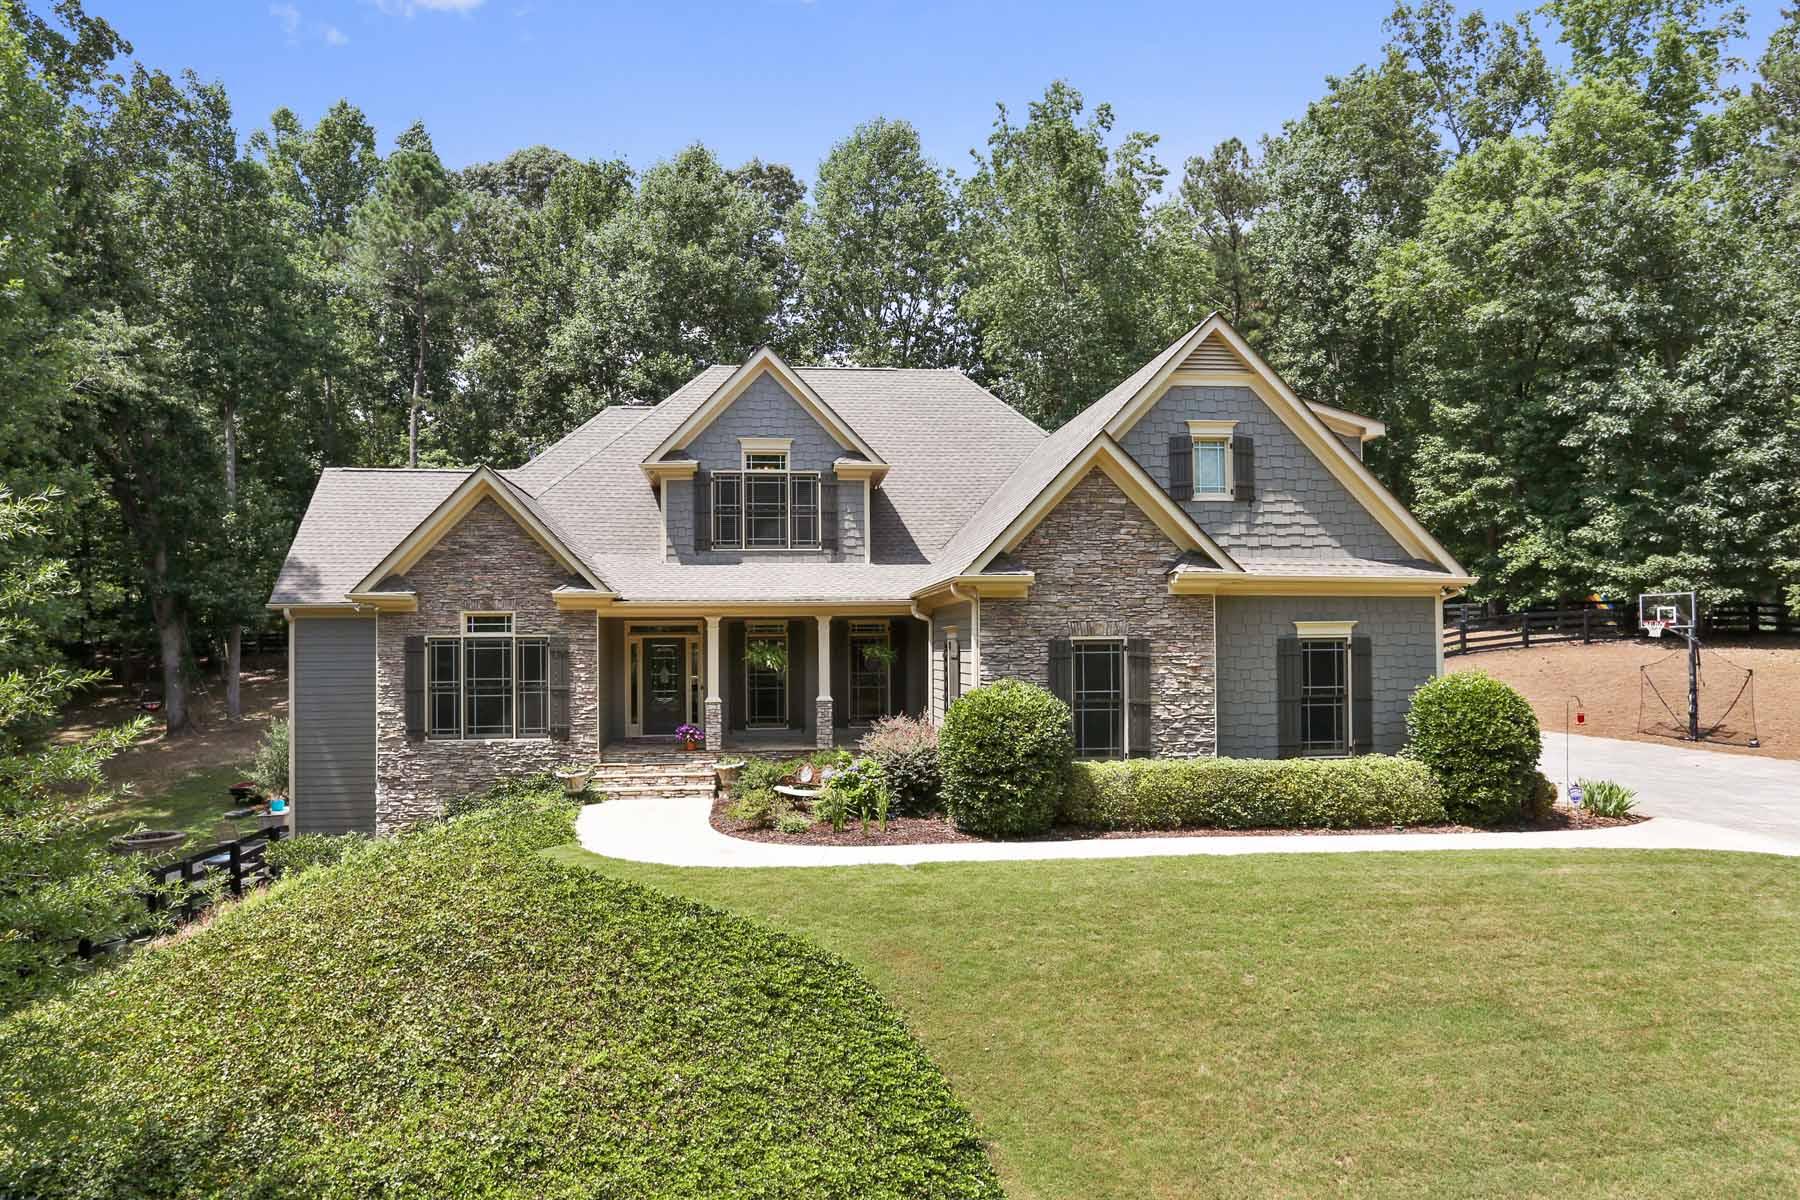 Einfamilienhaus für Verkauf beim Remarkable Custom Home on 4+ Acres With Private Drive 110 Brannon Court Canton, Georgia, 30115 Vereinigte Staaten